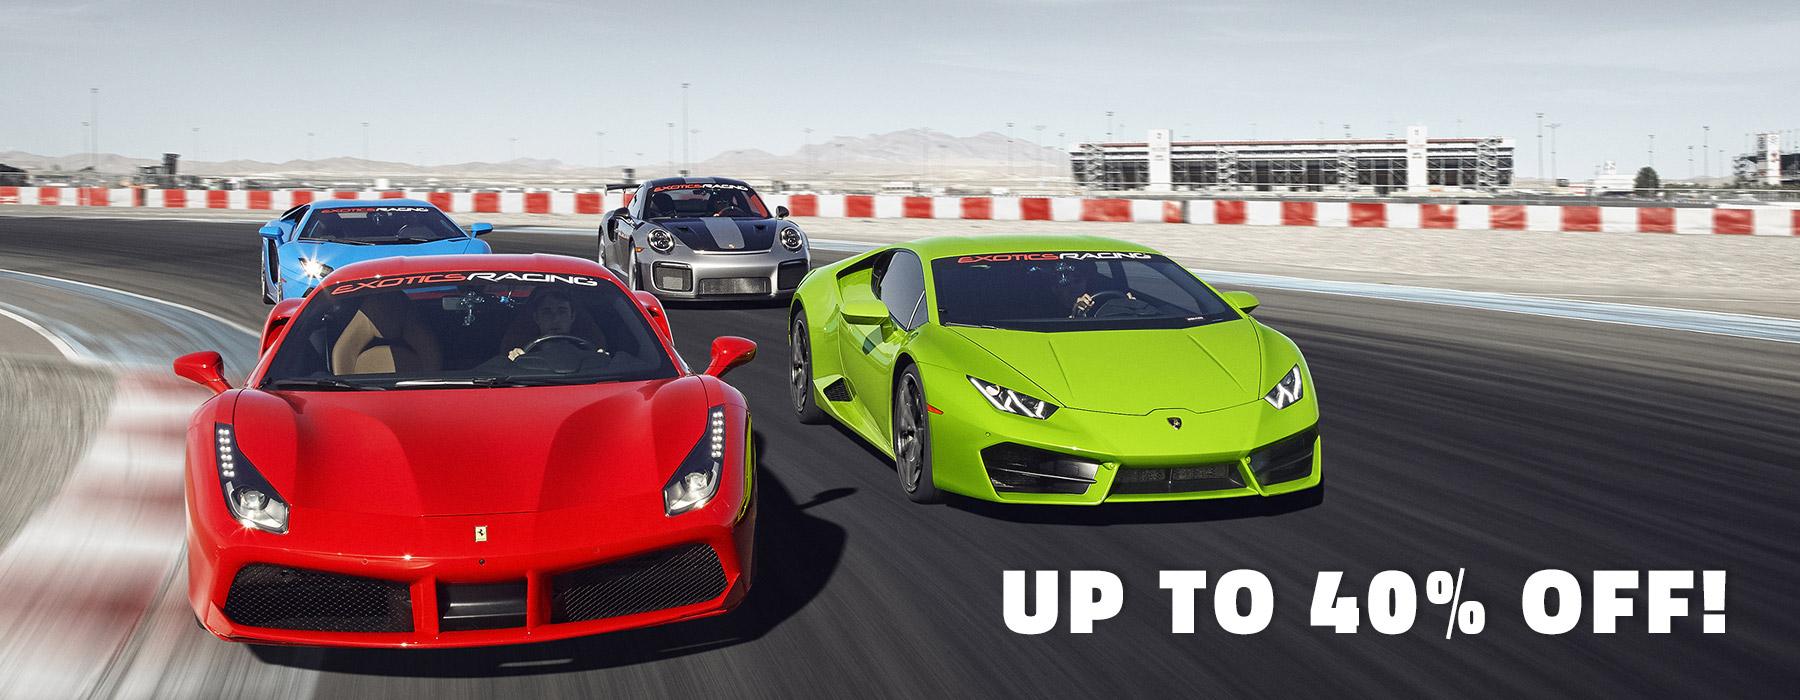 Drive A Ferrari Supercar On A Professional Racetrack With Exotics Racing